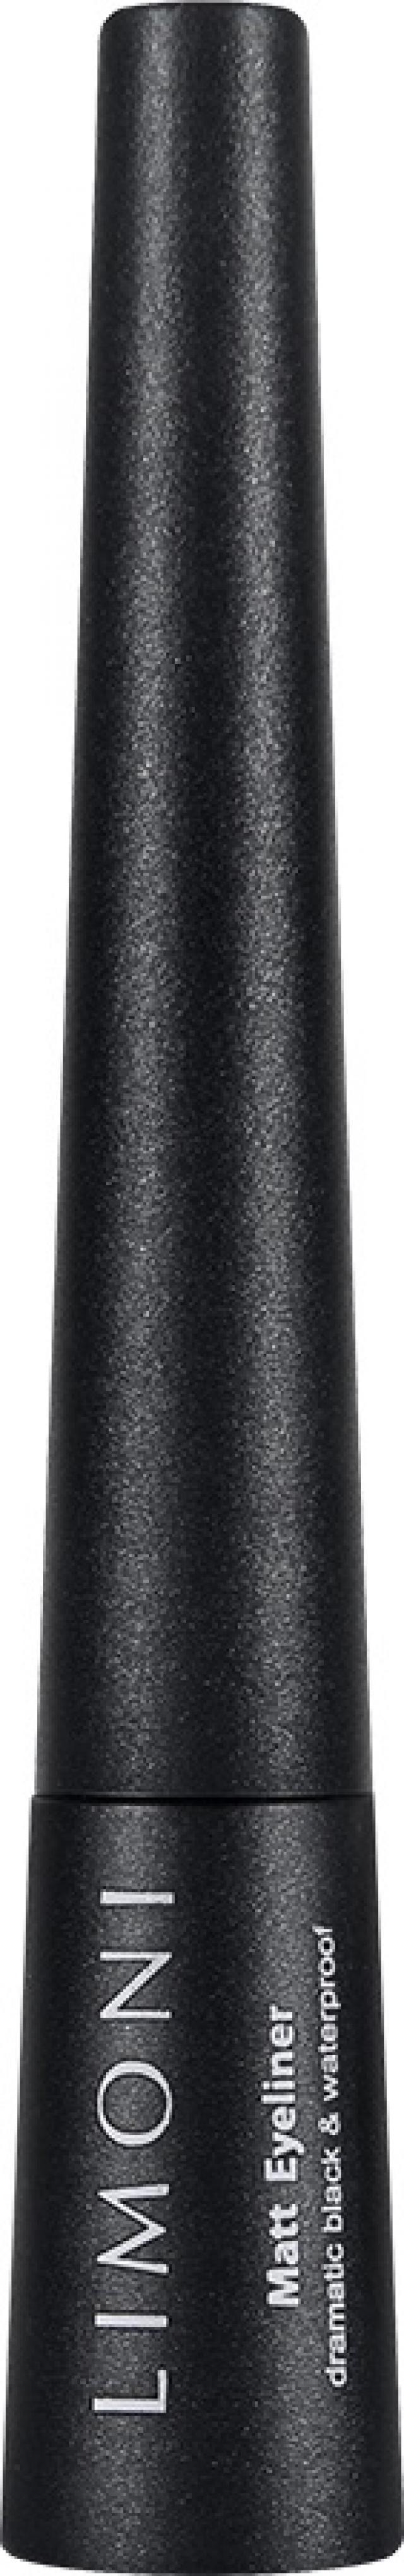 Лимони подводка для глаз матов.водостойк. Мэтт Айламэ т.01 черный купить в Москве по цене от 0 рублей